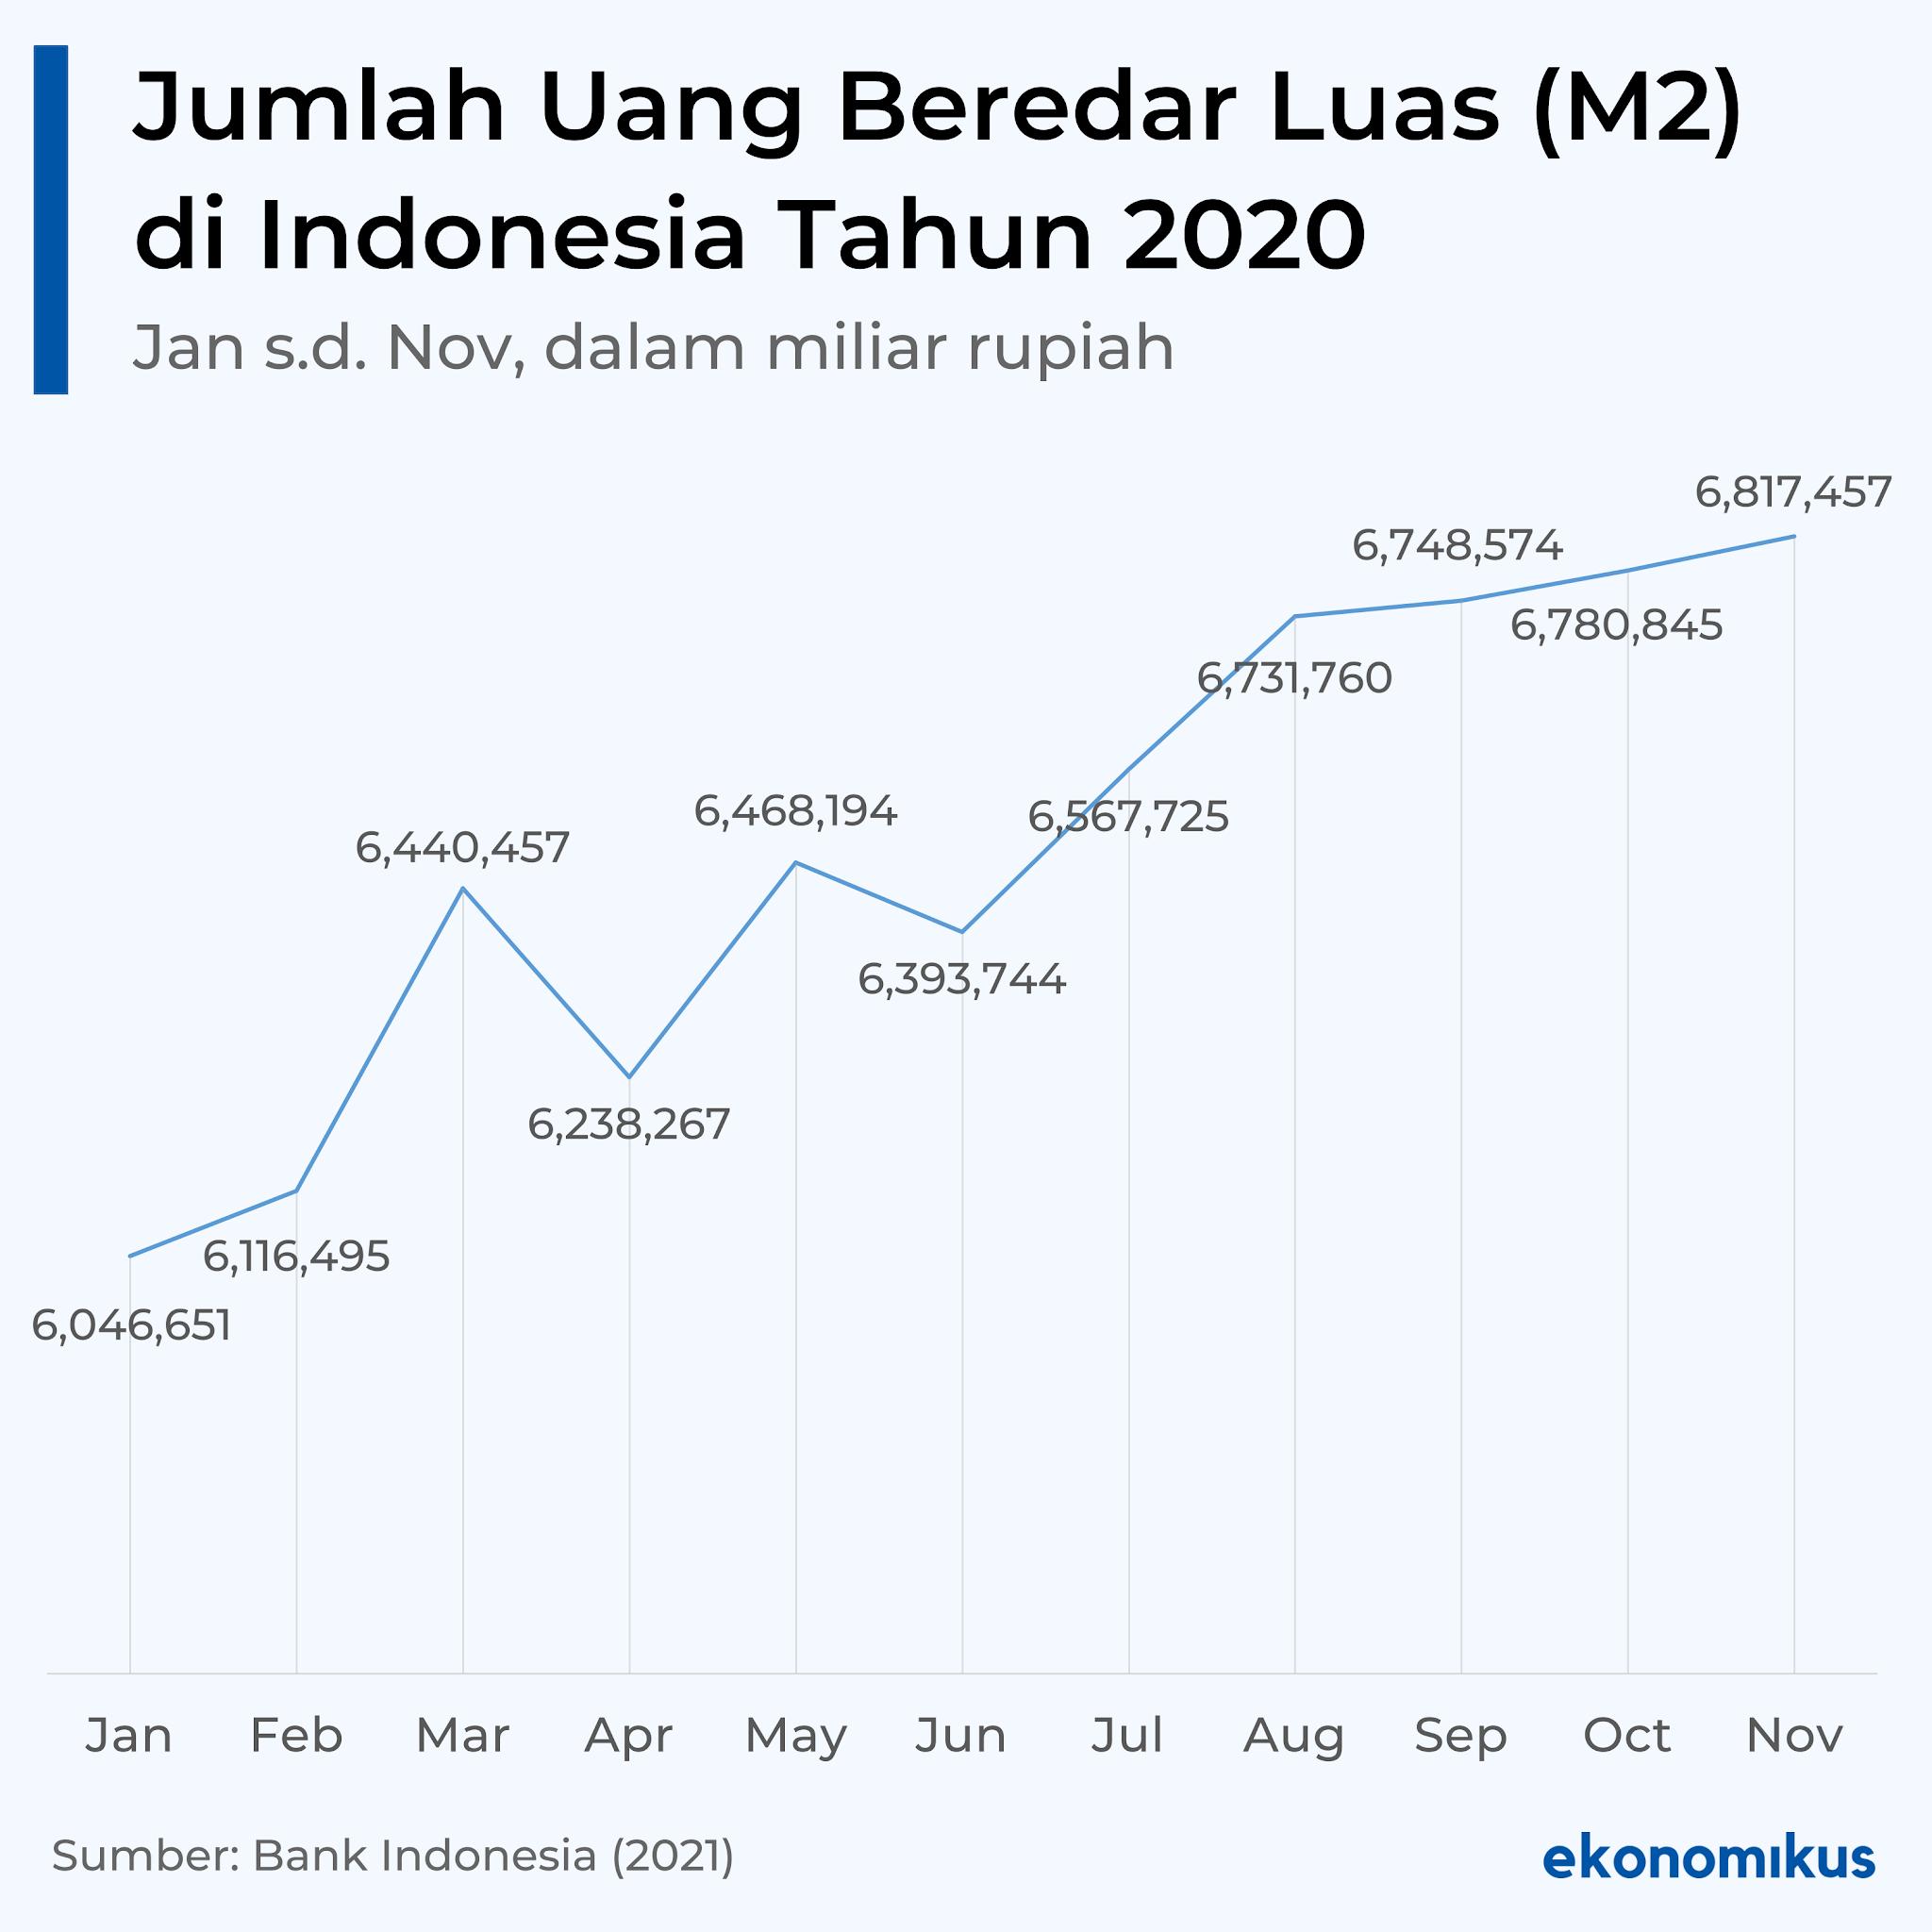 Jumlah Uang Beredar Luas (M2) di Indonesia Tahun 2020